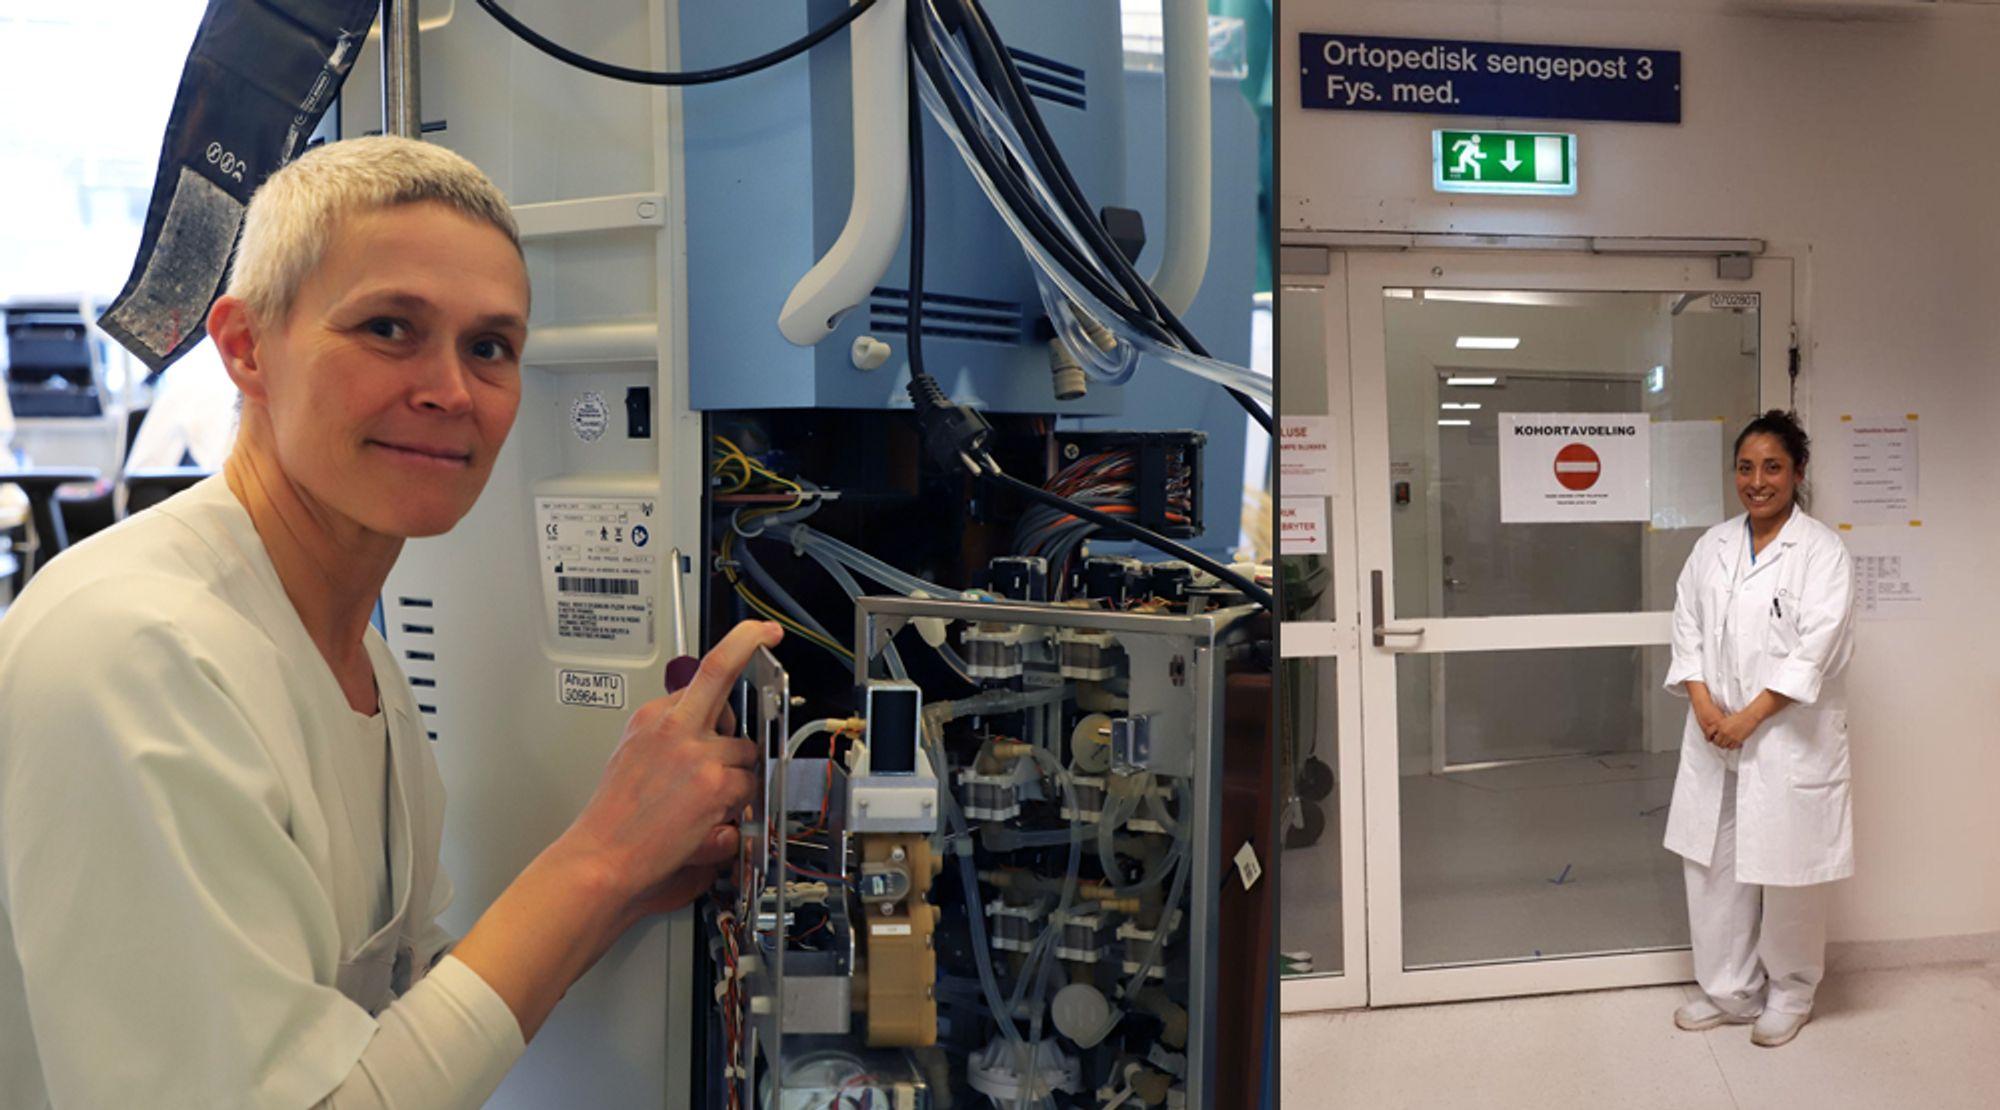 Overingeniør Monica Nyheim ved Ahus og avdelingsingeniør Maria Eugenia Solvang ved OUS.